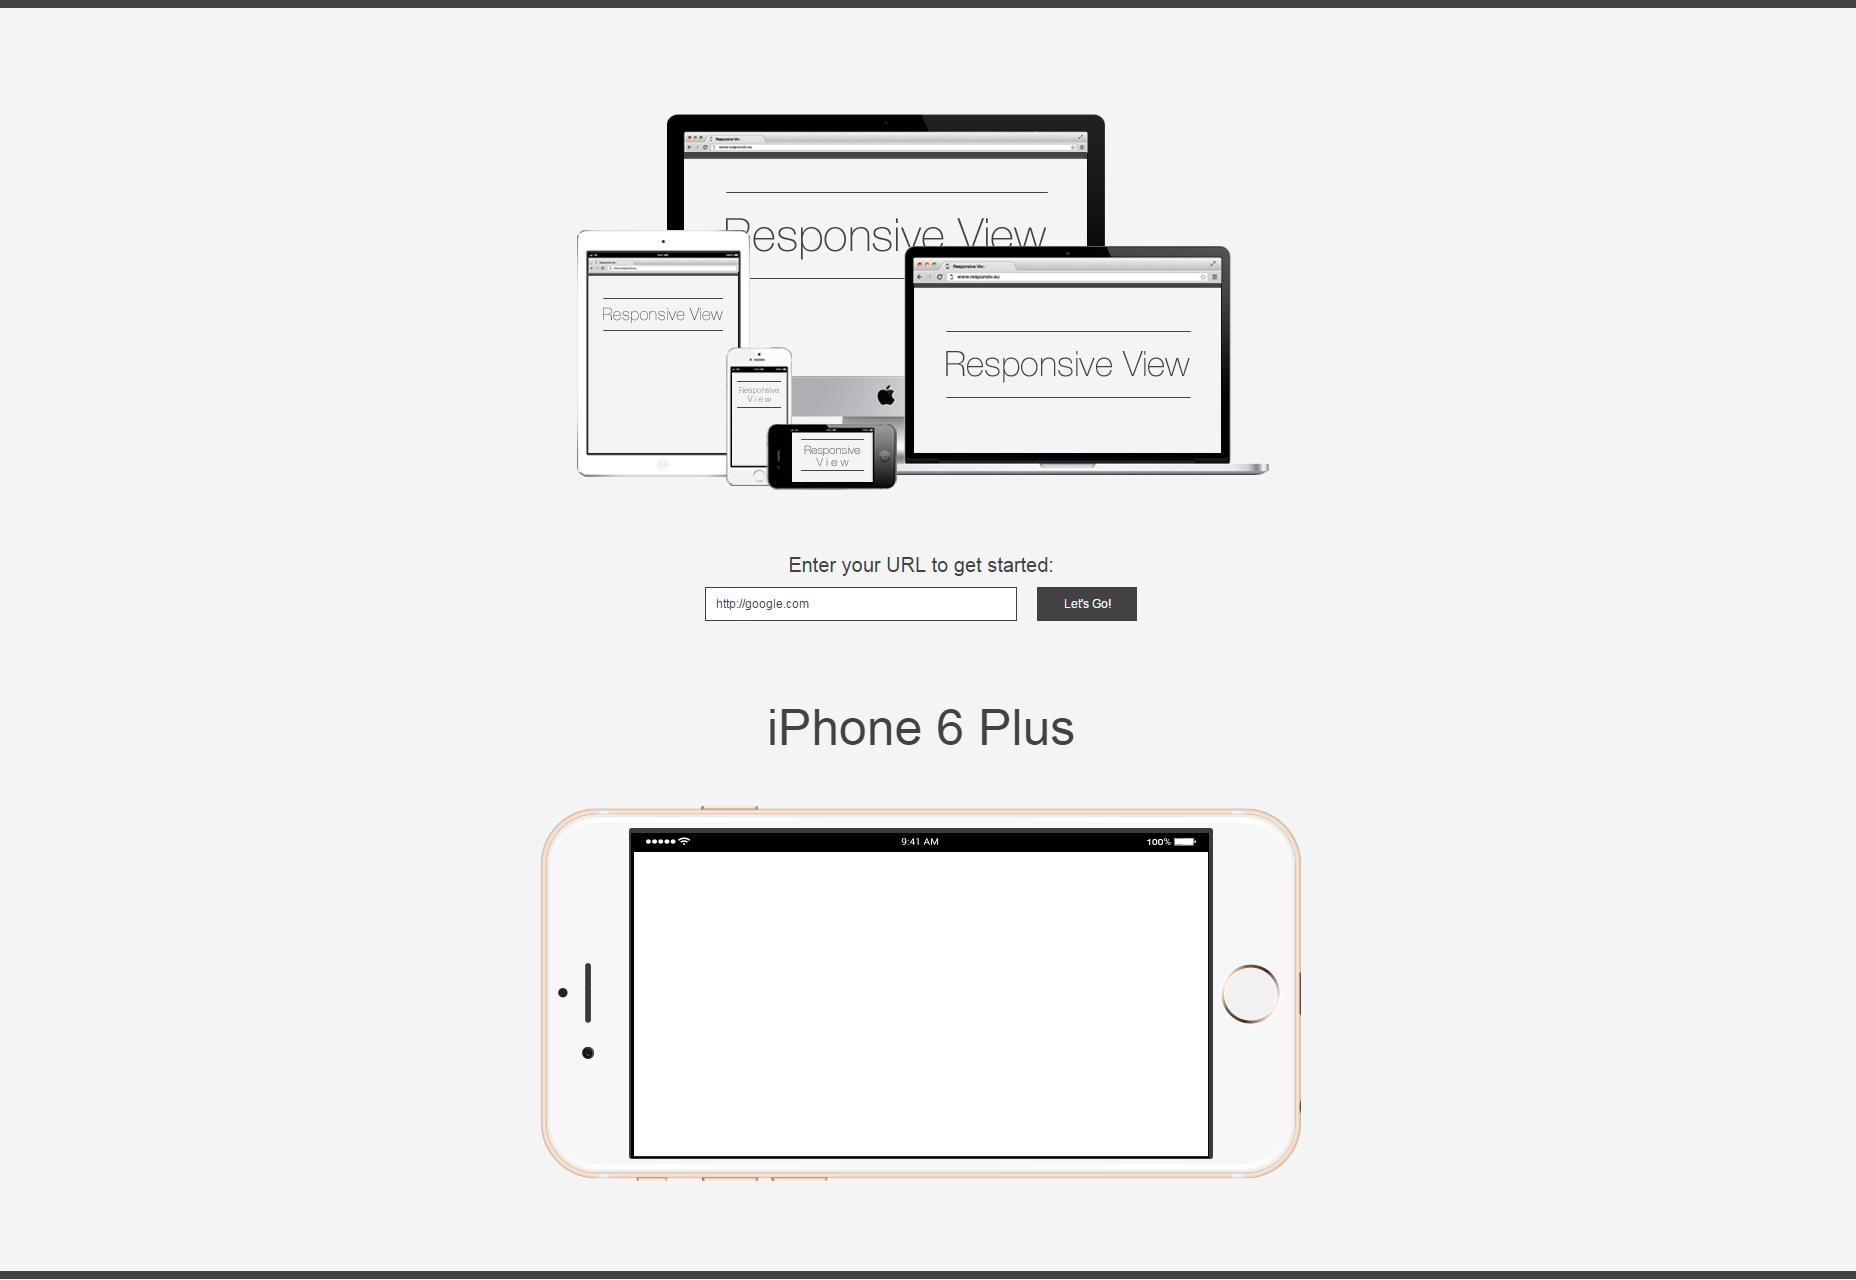 Odpovědné zobrazení: Nástroj pro zobrazování webových stránek na více zařízeních